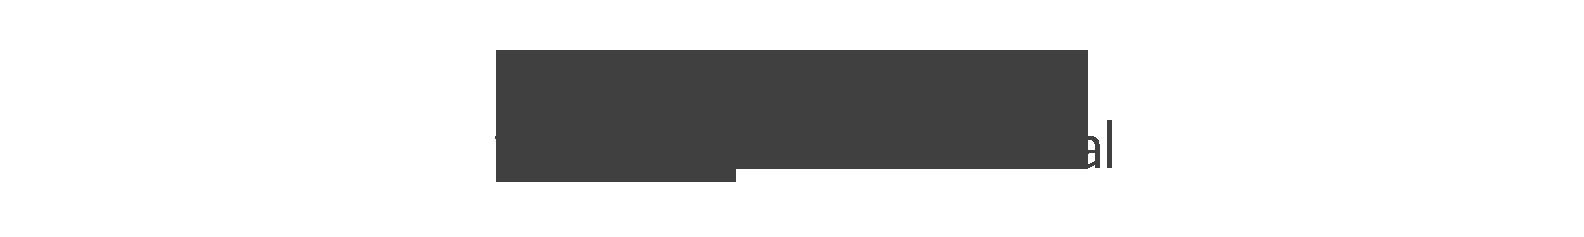 Olivier terrien Gestión de empresas y gobernanza territorial